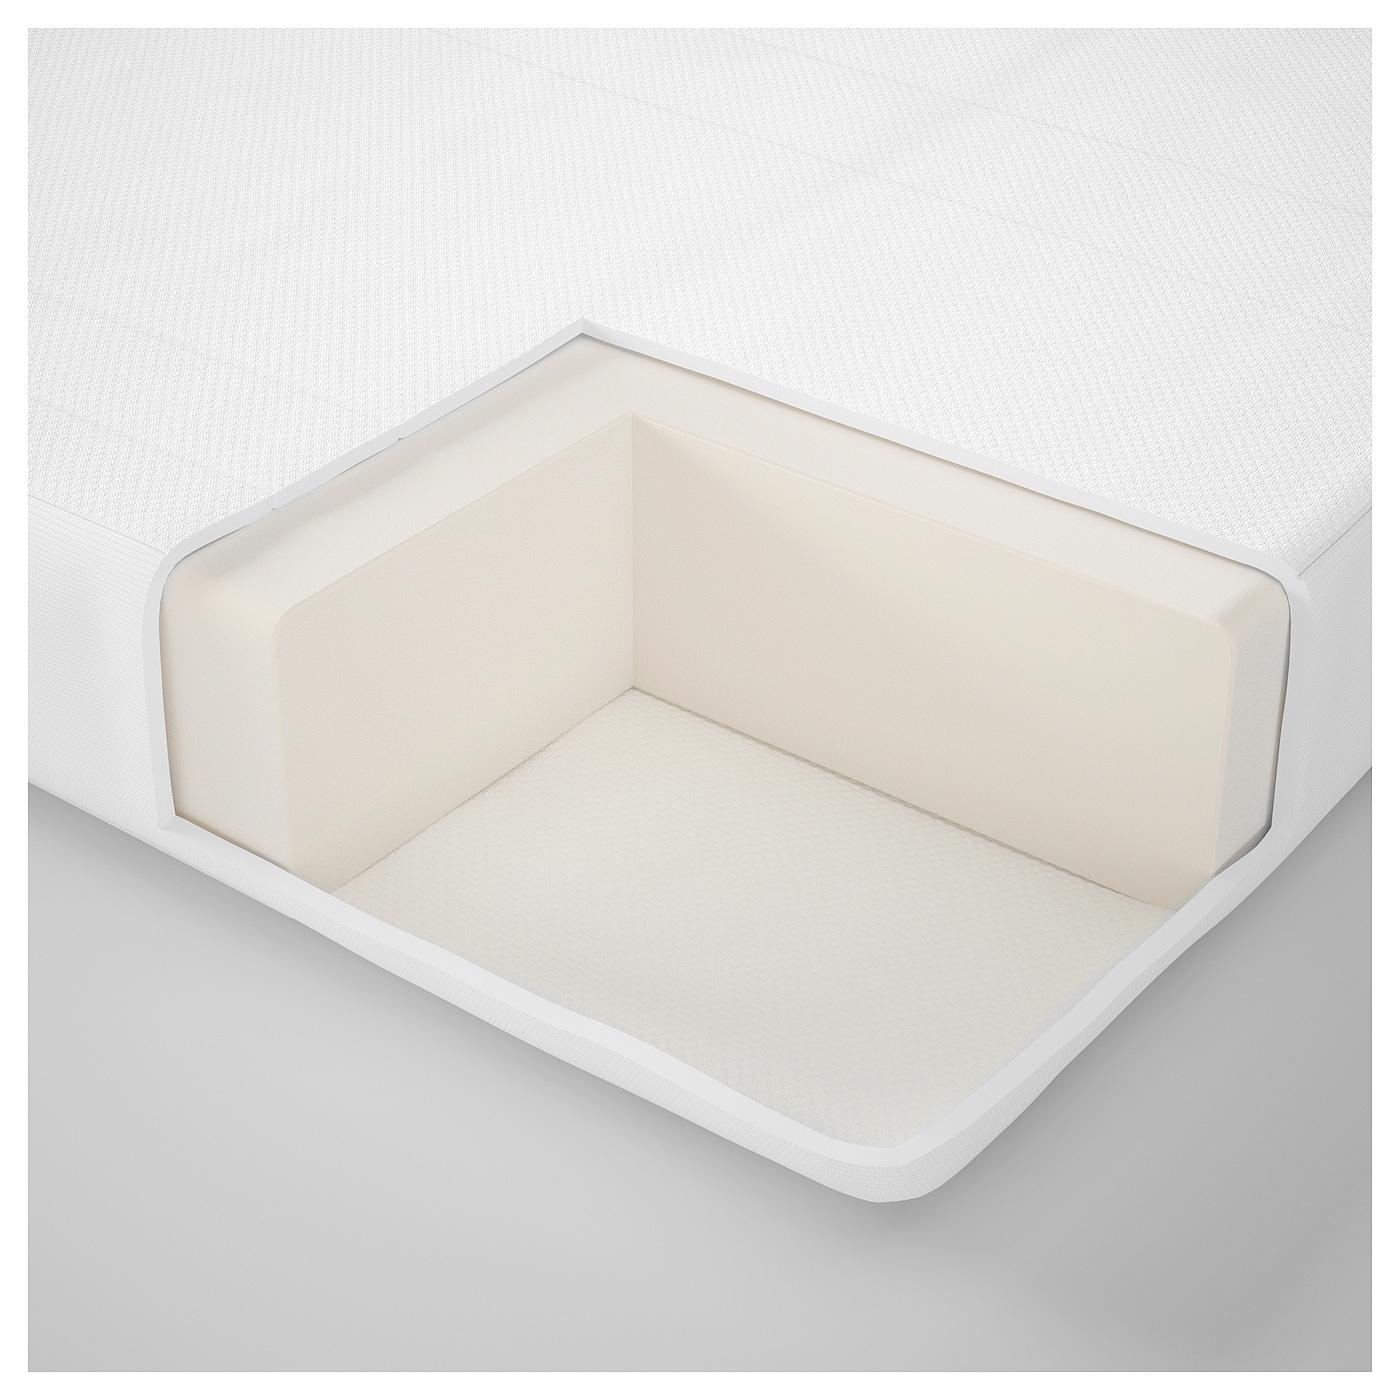 nattsmyg matelas mousse pour lit extensible 80x200 cm ikea. Black Bedroom Furniture Sets. Home Design Ideas